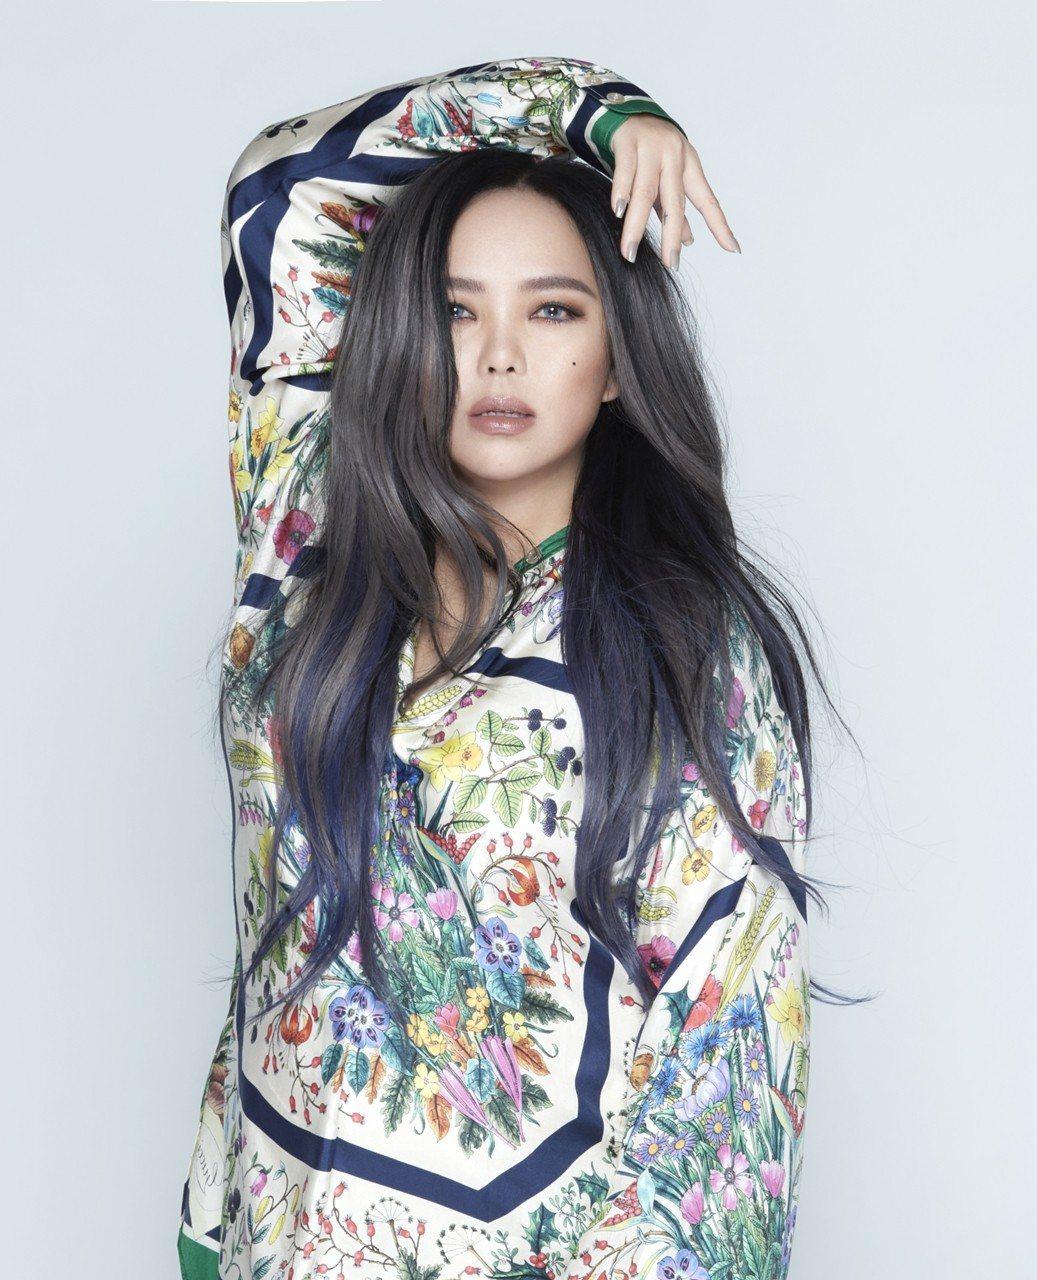 阿妹將是台北跨年場的壓軸。圖/華視提供